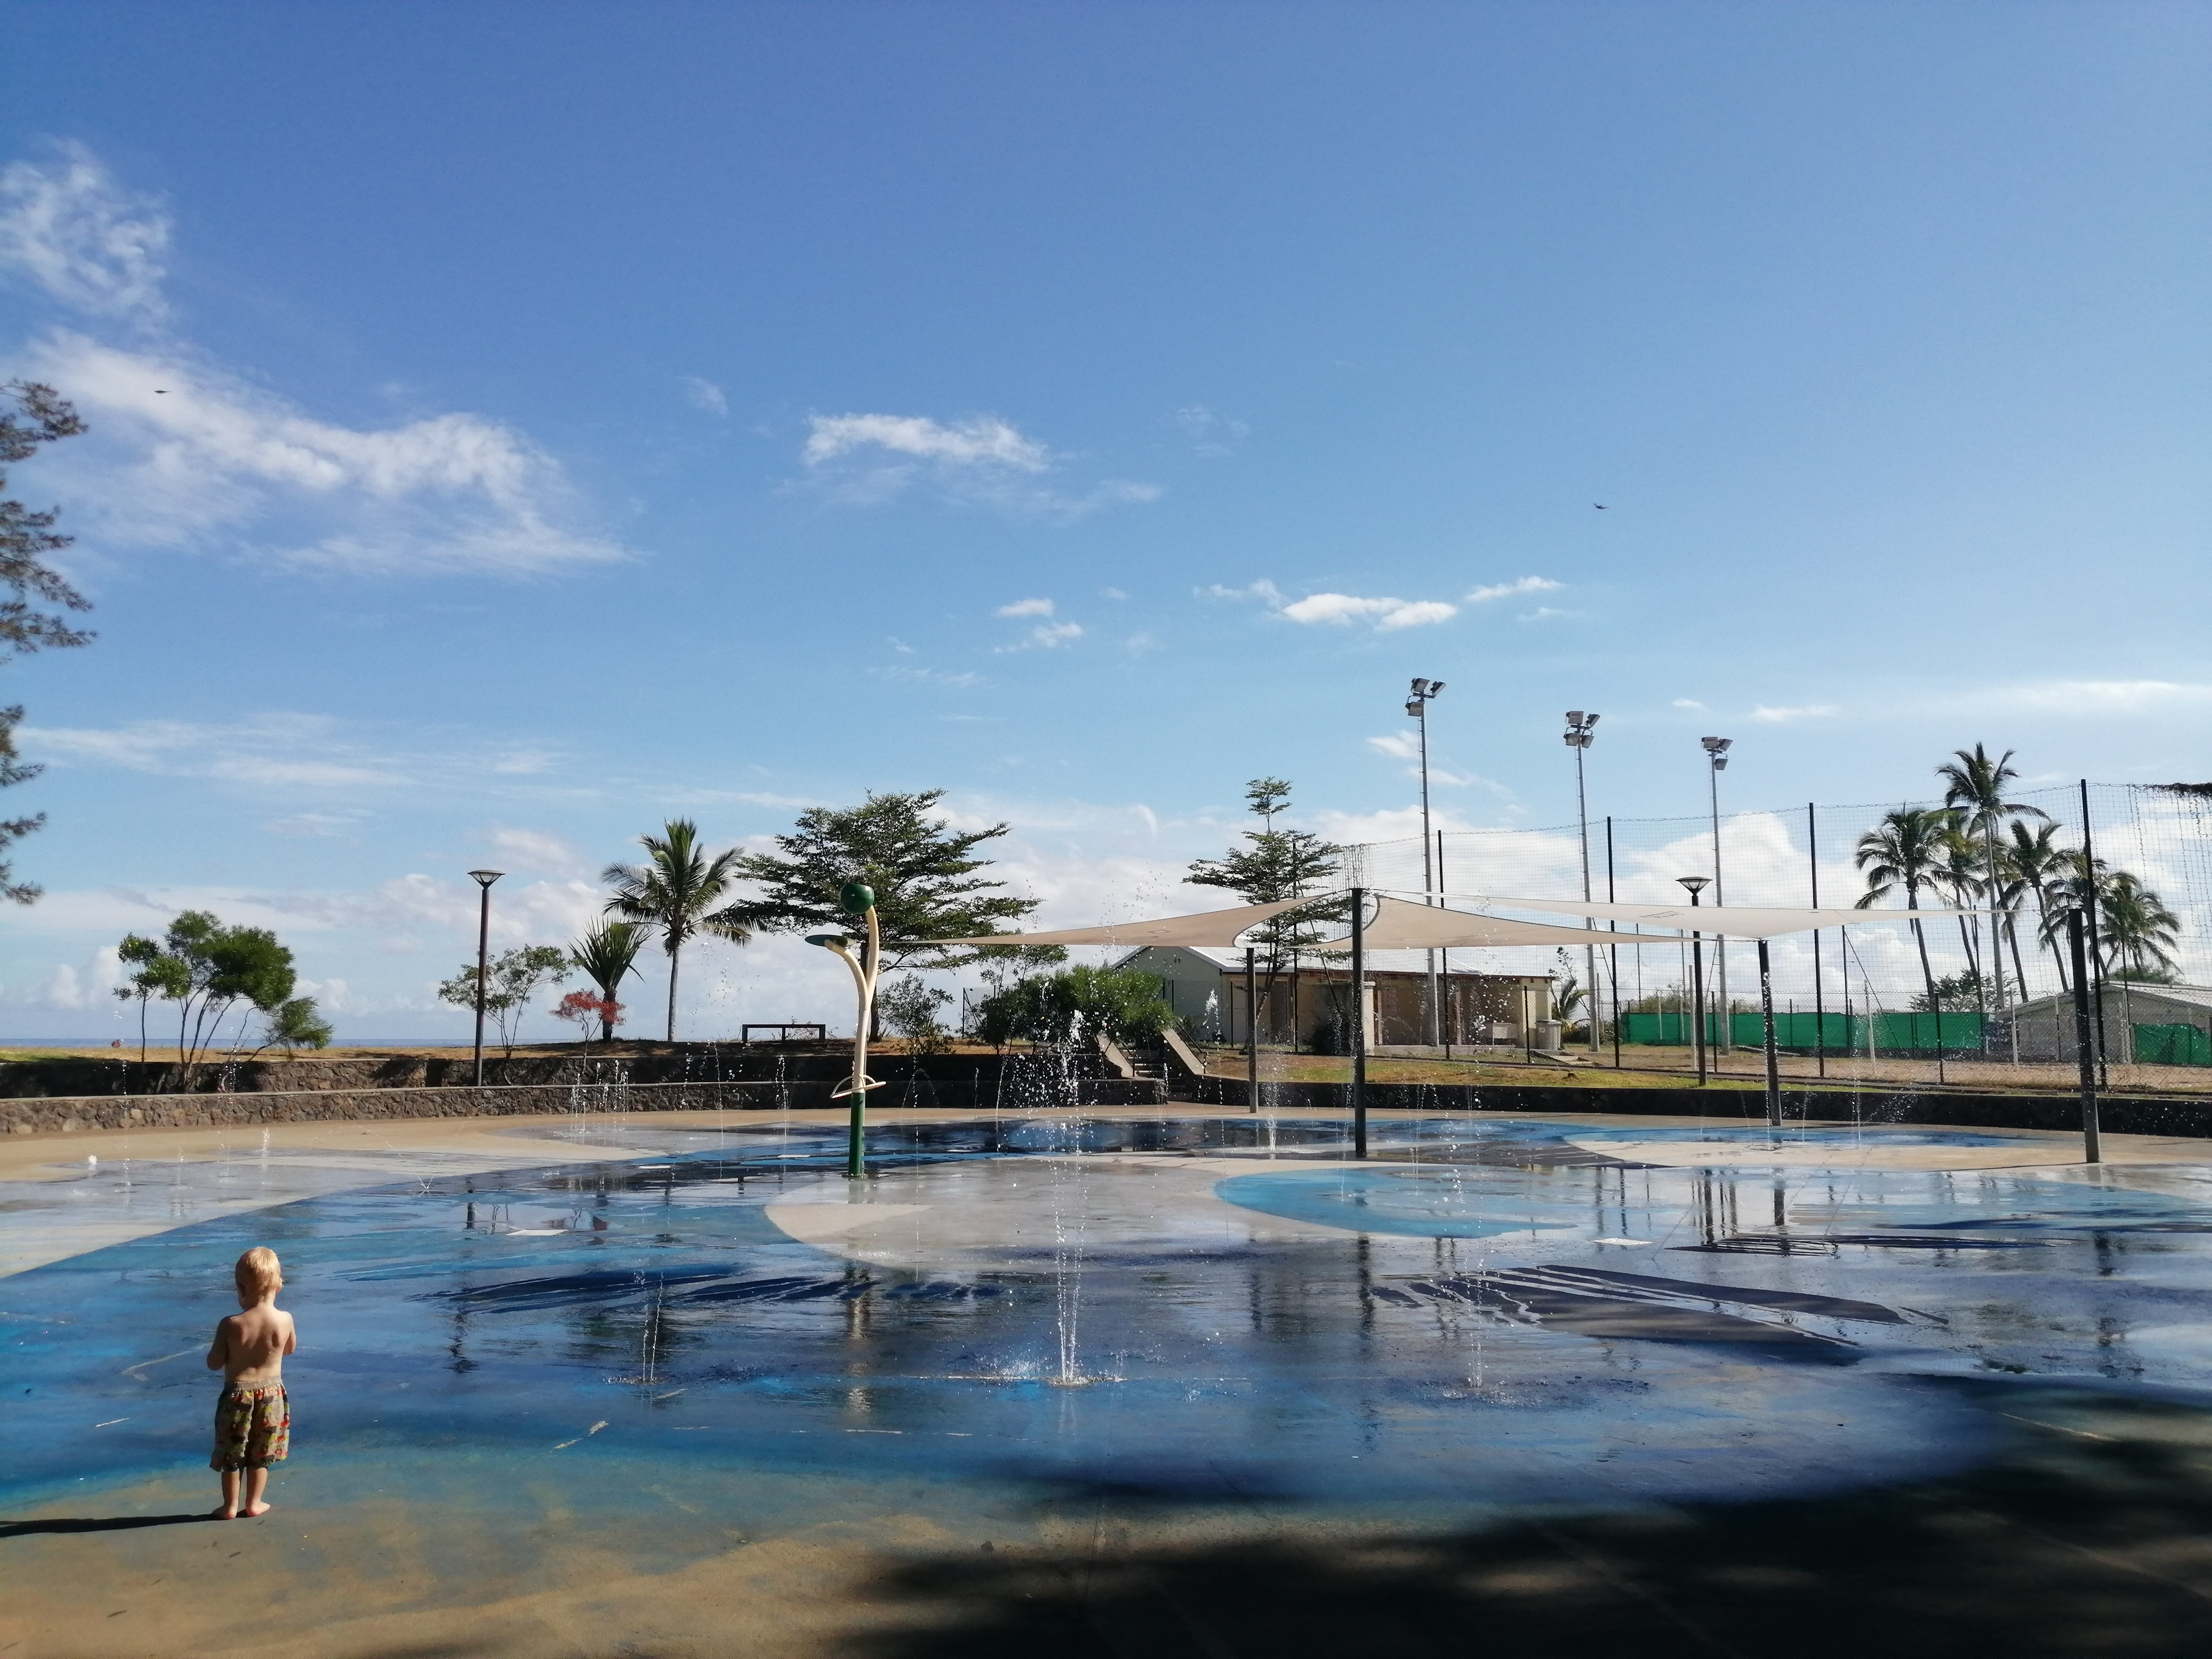 Jeux d'eau au front de mer de sait Paul à La Réunion